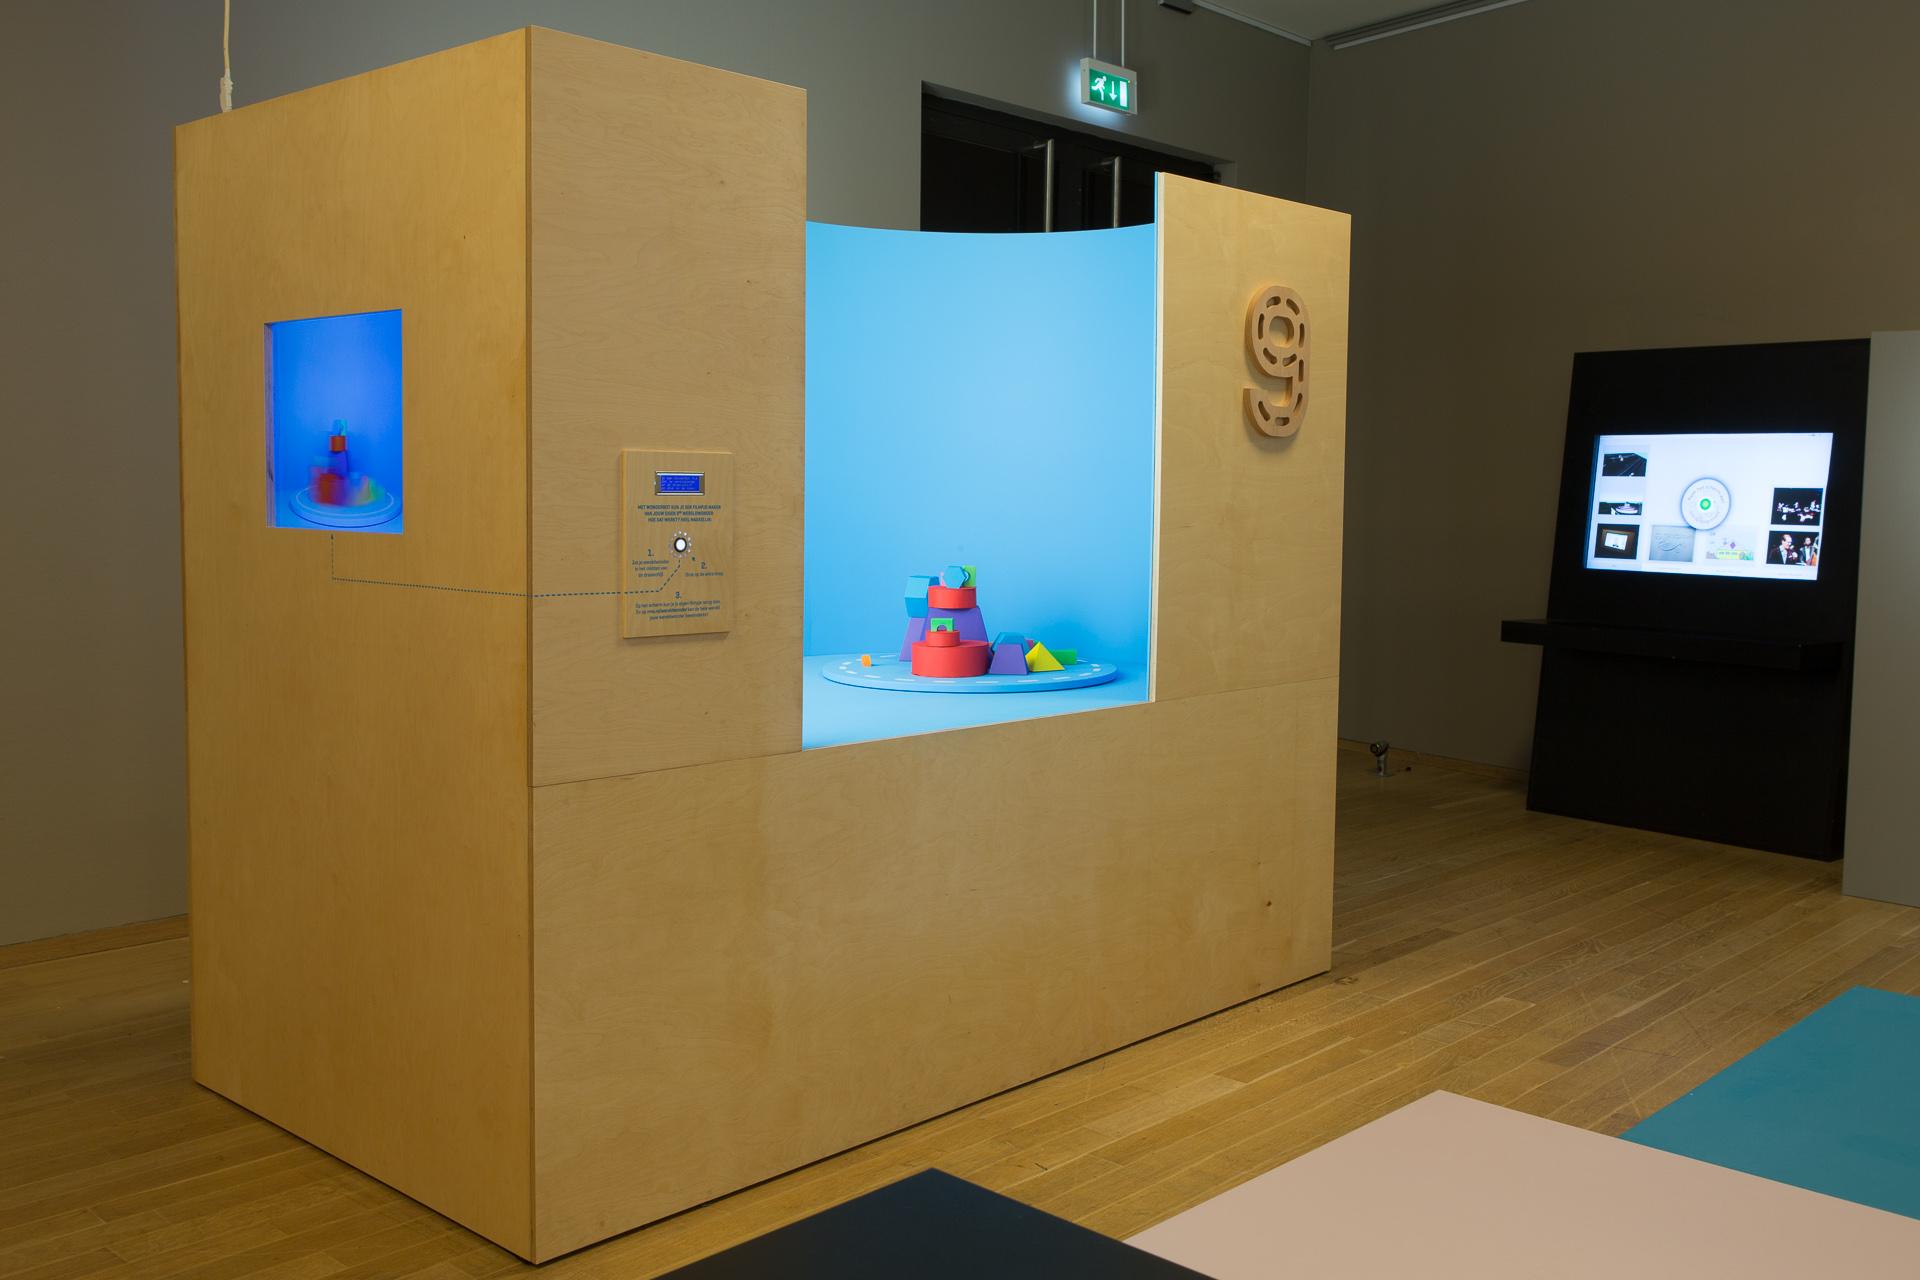 Bureau uit haarlem cre ert tentoonstelling voor het rijksmuseum van oudheden pressrecord - Bureau kinderen ...